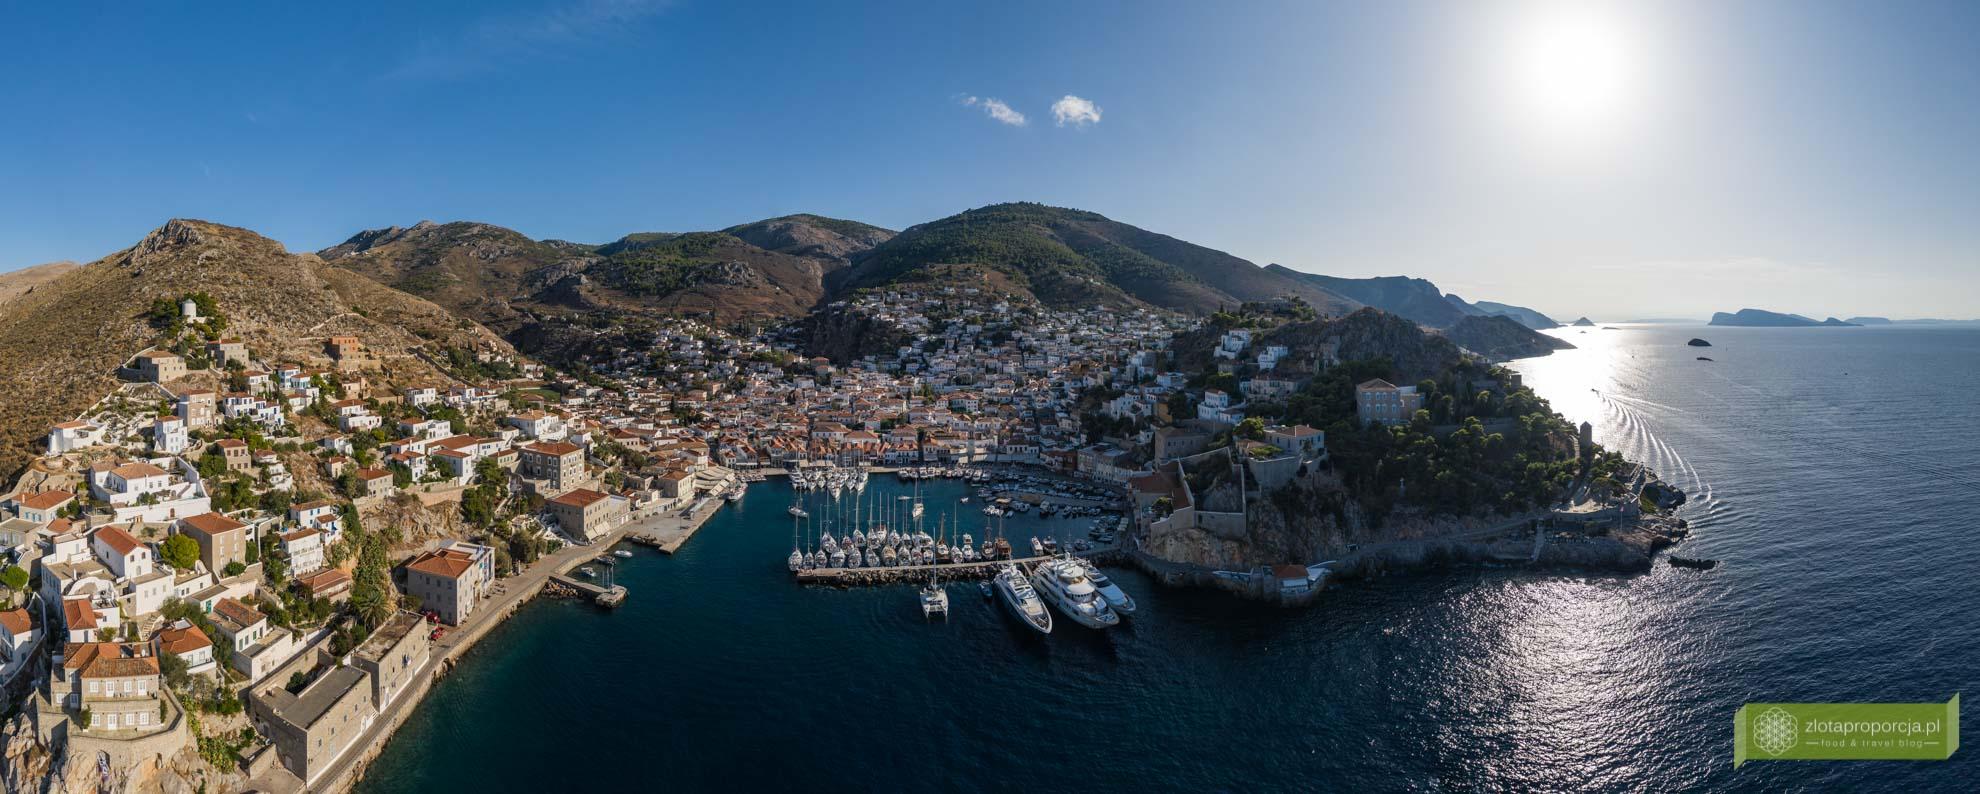 Hydra; wyspa Hydra; Wyspy Sarońskie; Grecja; greckie wyspy; okolice Aten; najpiękniejsze greckie wyspy; hydra plaże